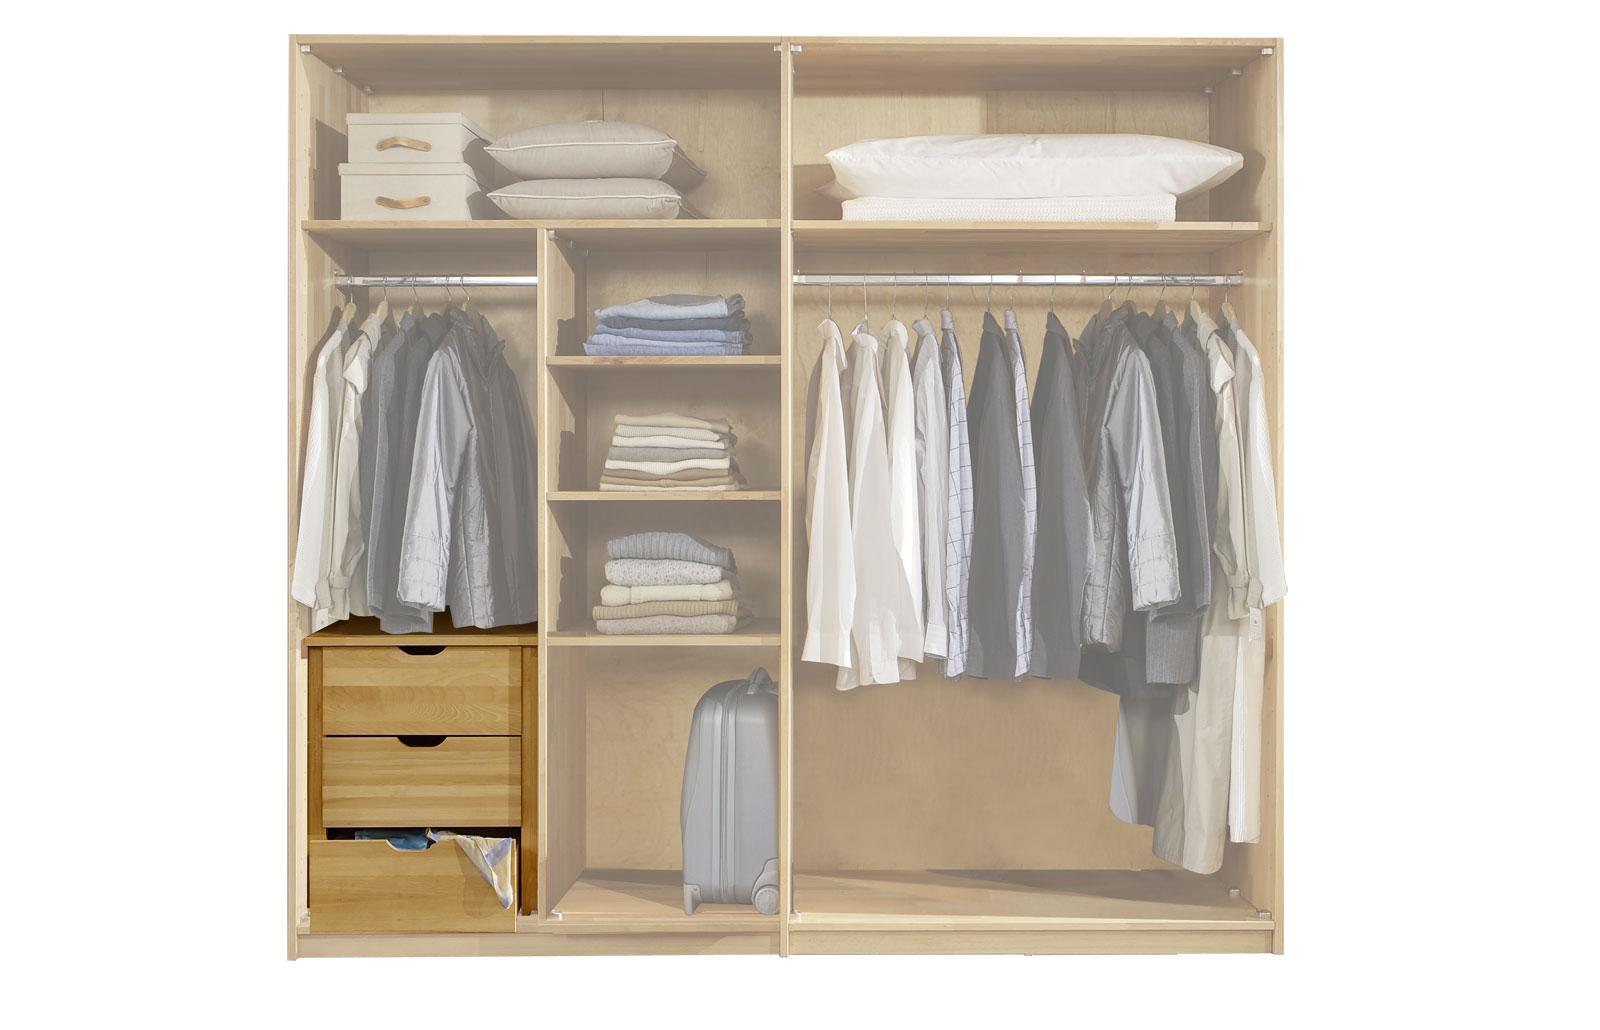 Schubladen als Zubehör für Schwebetüren-Kleiderschränke